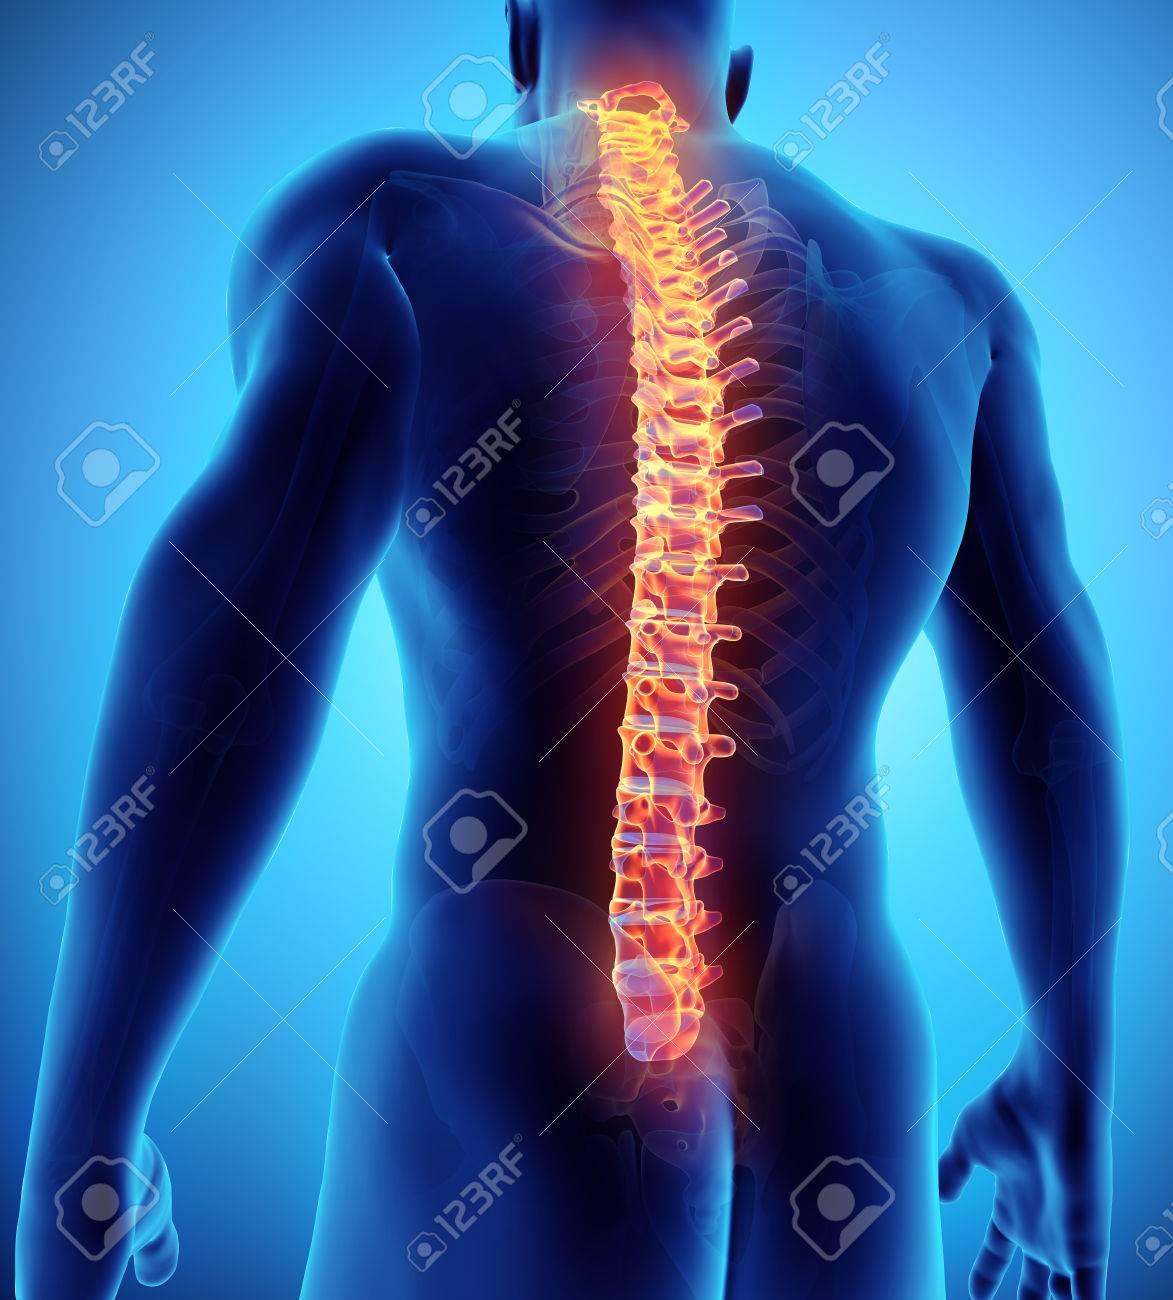 Ilustración 3D De La Espina Dorsal - Parte Del Esqueleto Humano ...